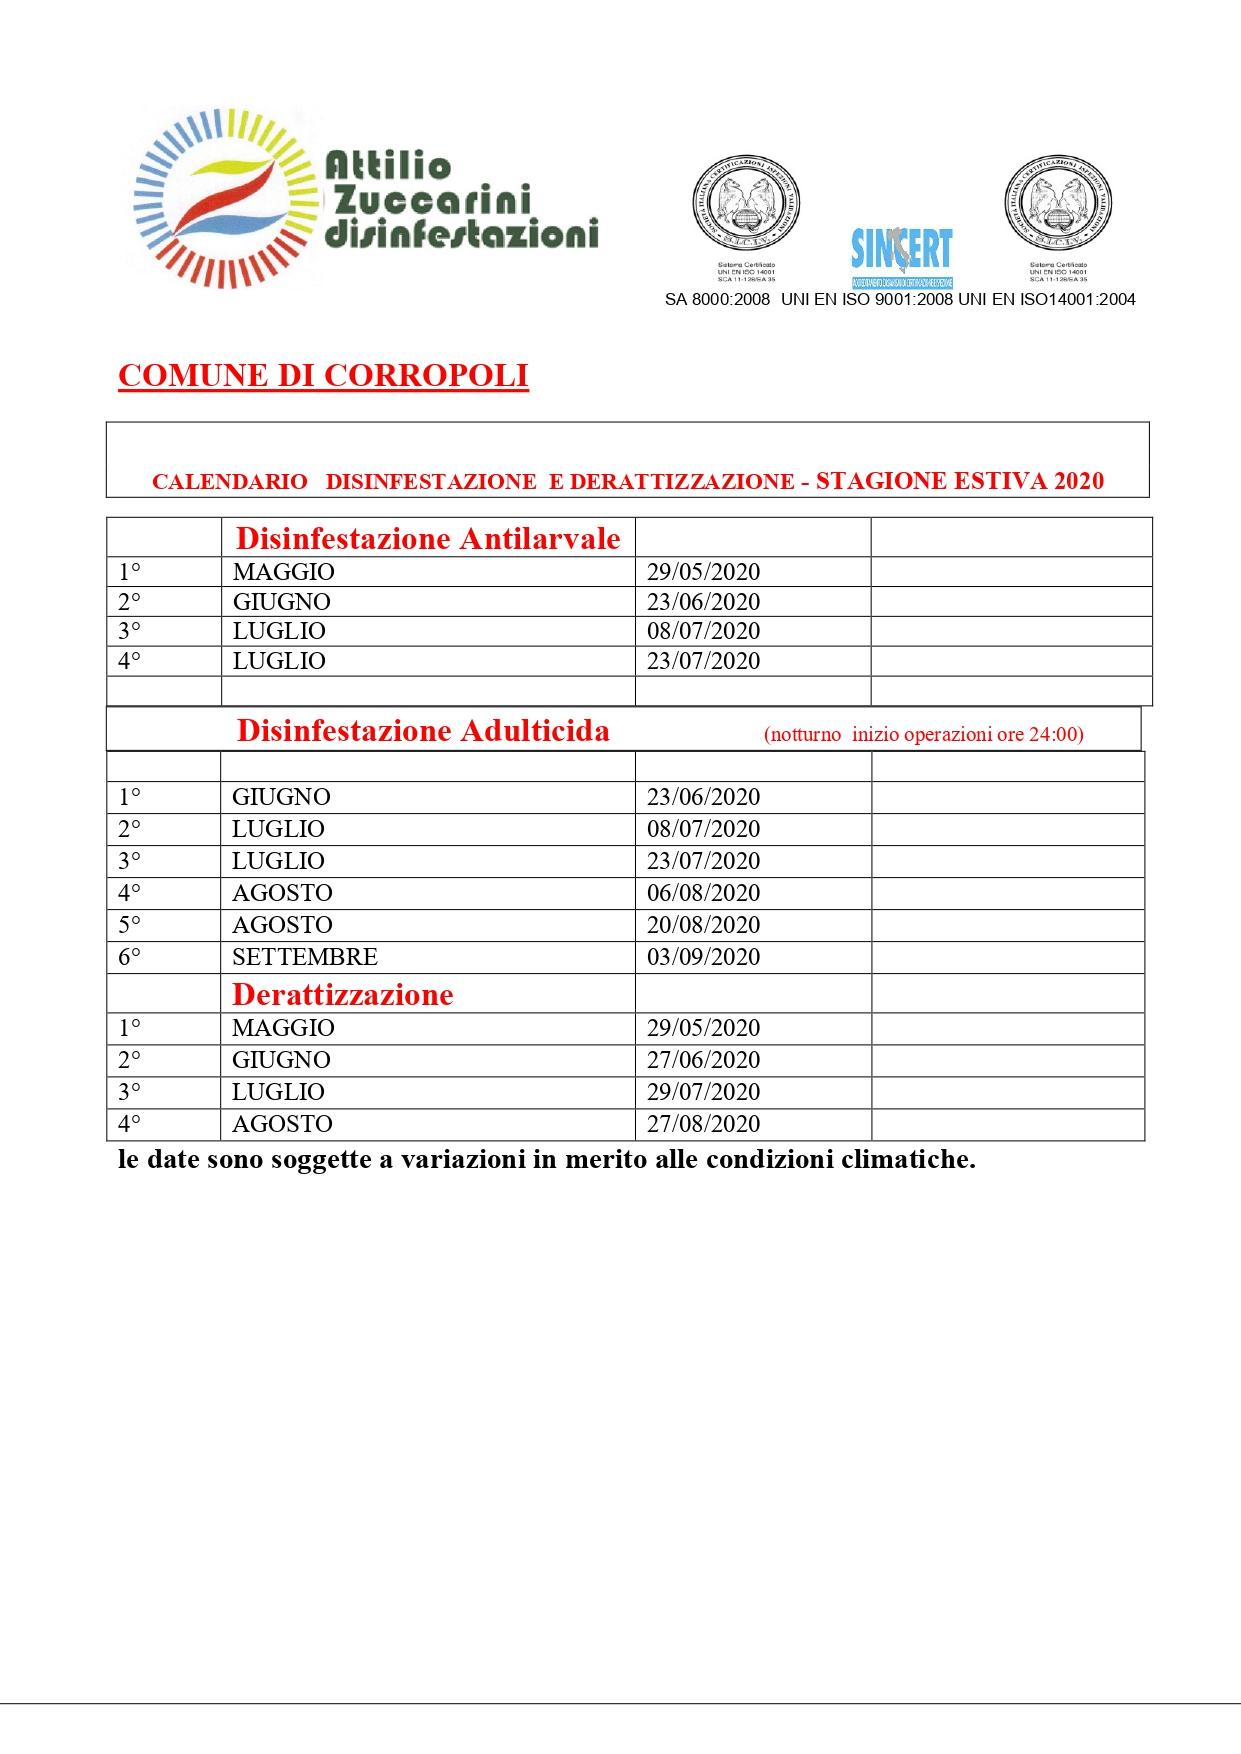 CALENDARIO   DISINFESTAZIONE  E DERATTIZZAZIONE - STAGIONE ESTIVA 2020